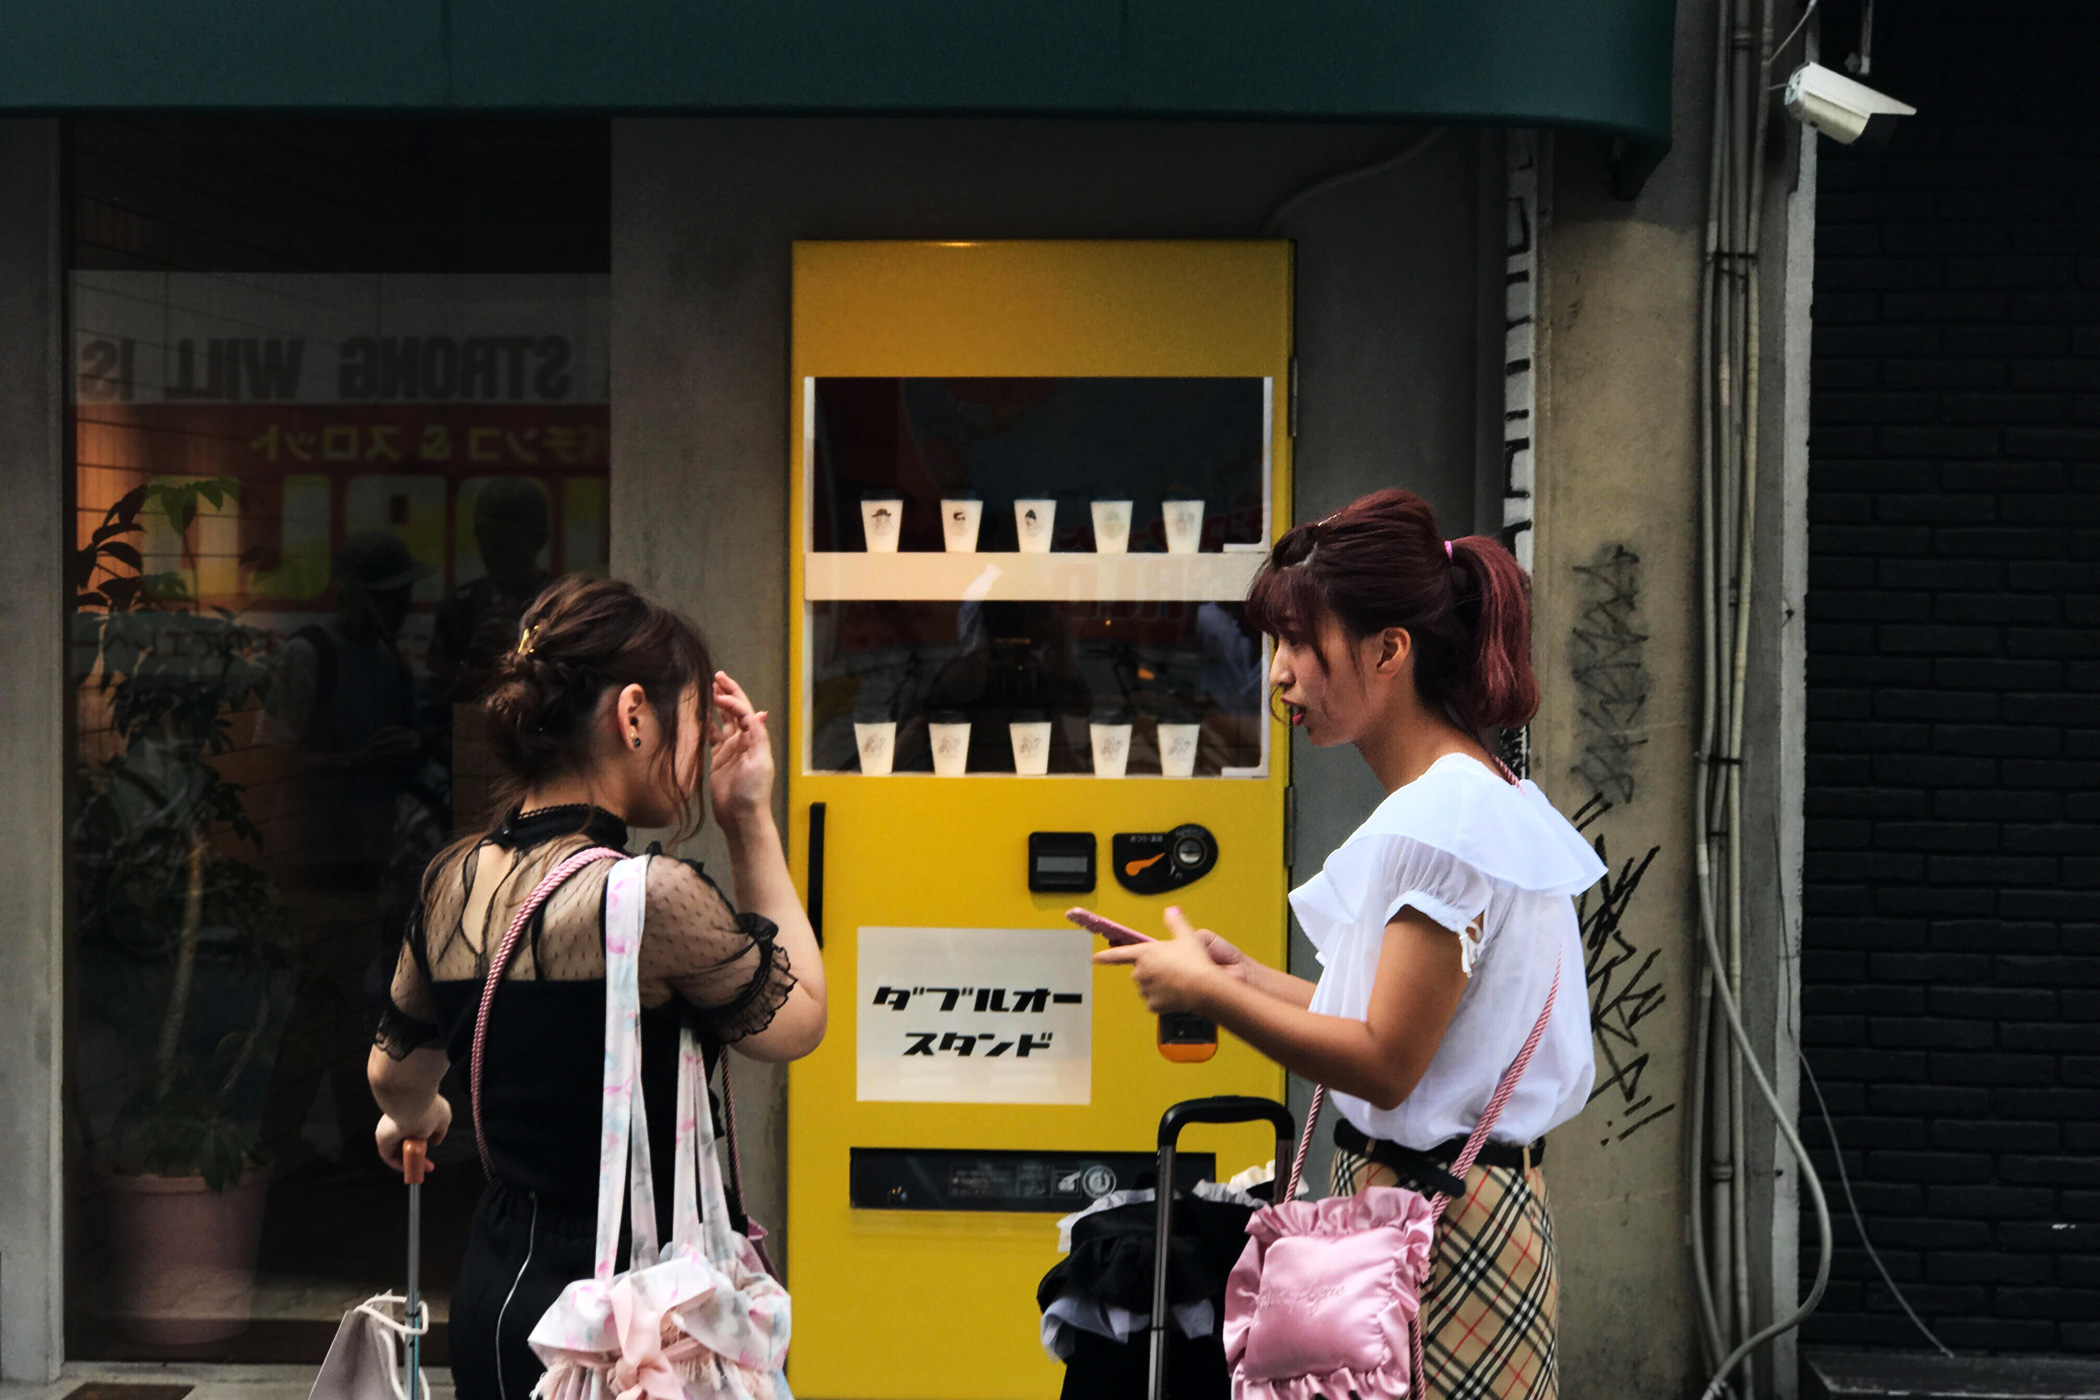 W/O STAND SHINSAIBASHI (ウィズアウトスタンド/ダブルオースタンド 心斎橋)